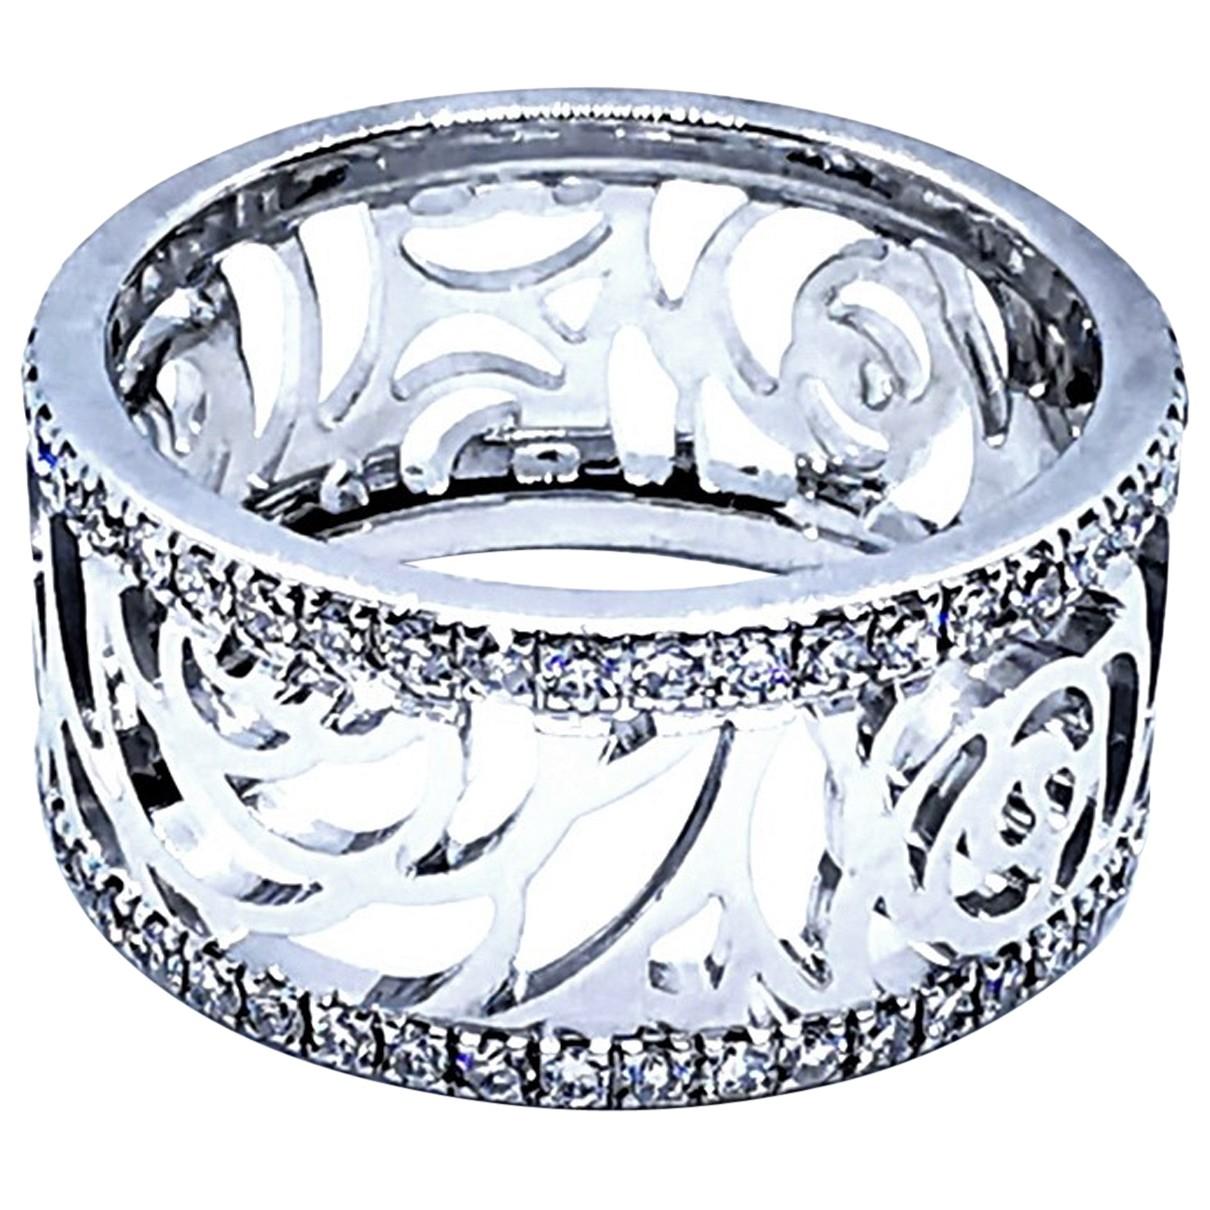 Chanel - Bague Camelia pour femme en or blanc - argente